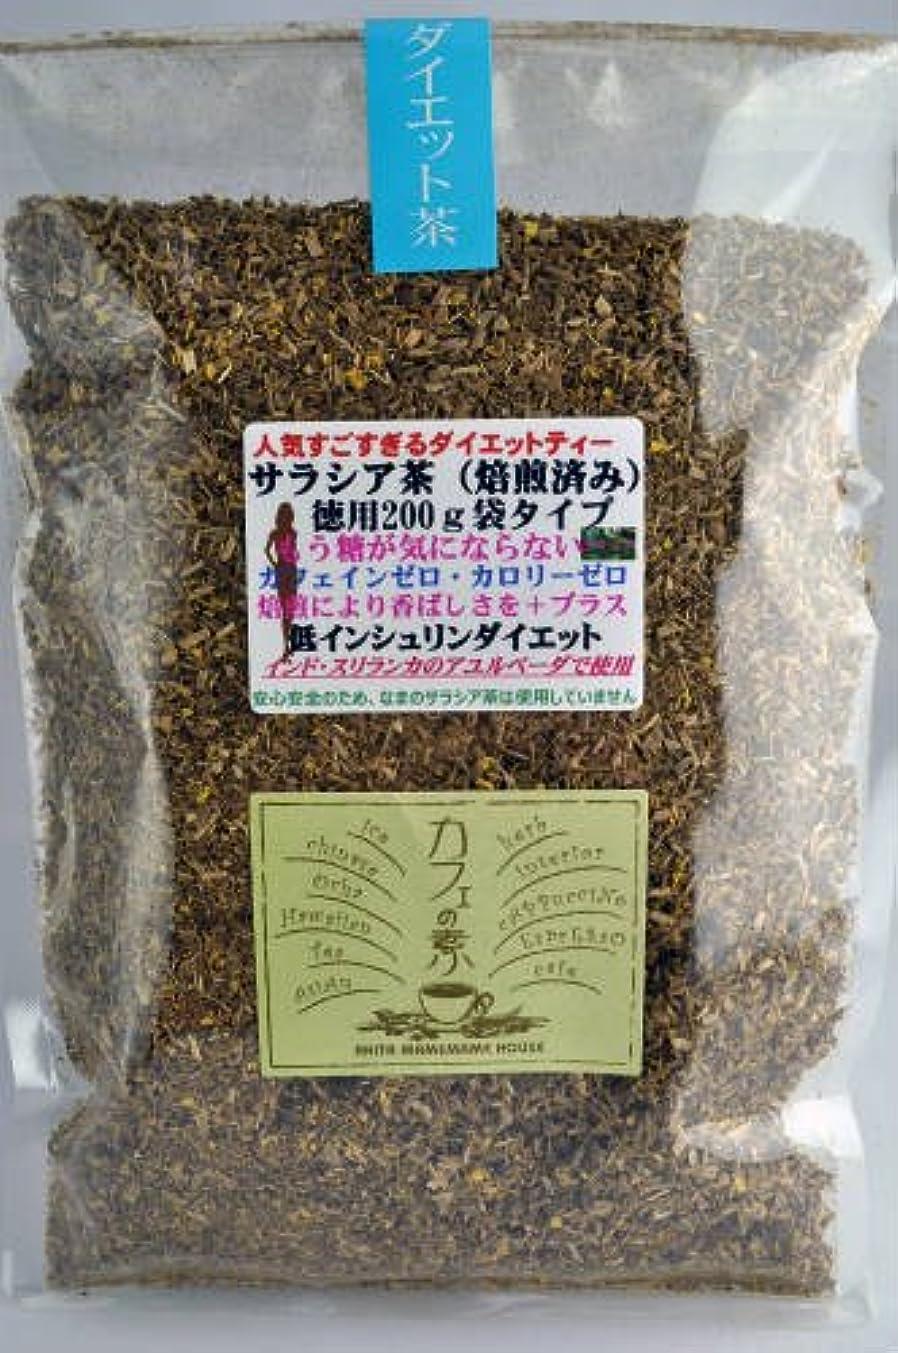 重力センブランスジェムダイエットサラシア茶(焙煎済み)200g入り【煮出しタイプ】